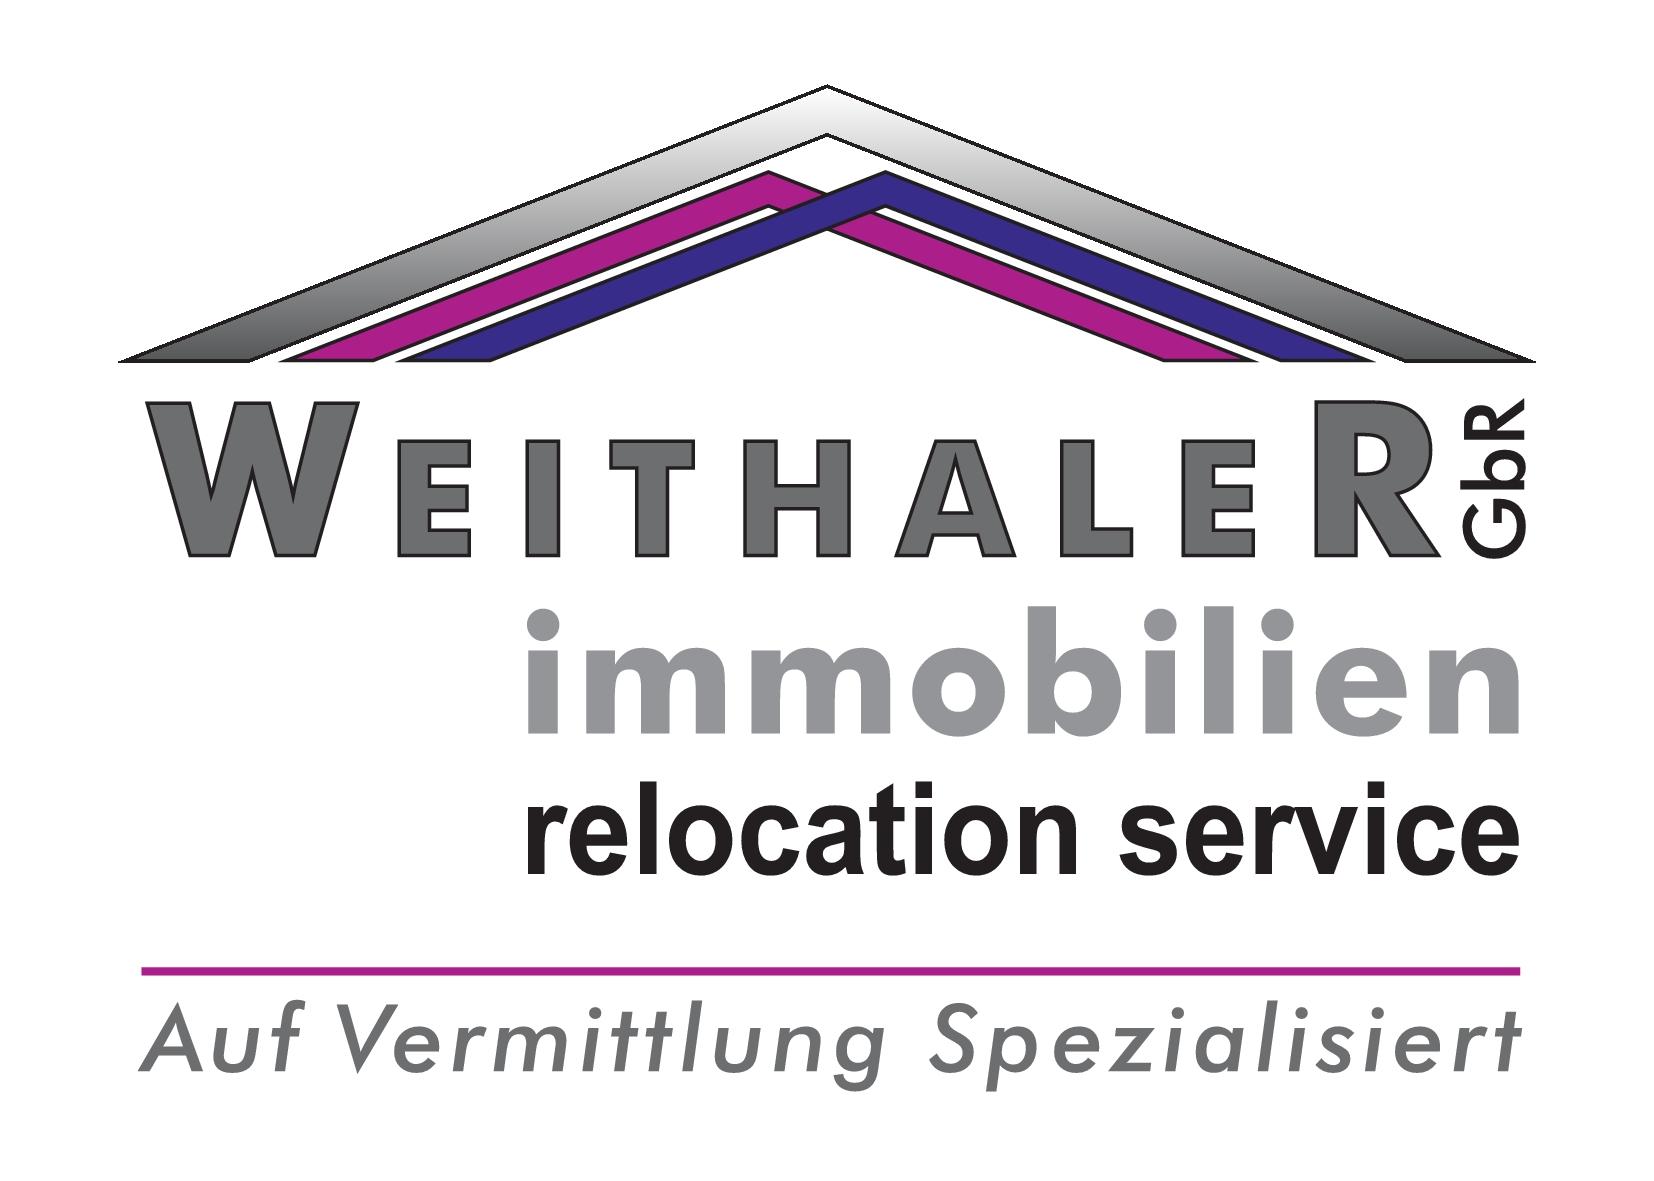 Hier sehen Sie das Logo von Birgit Weithaler